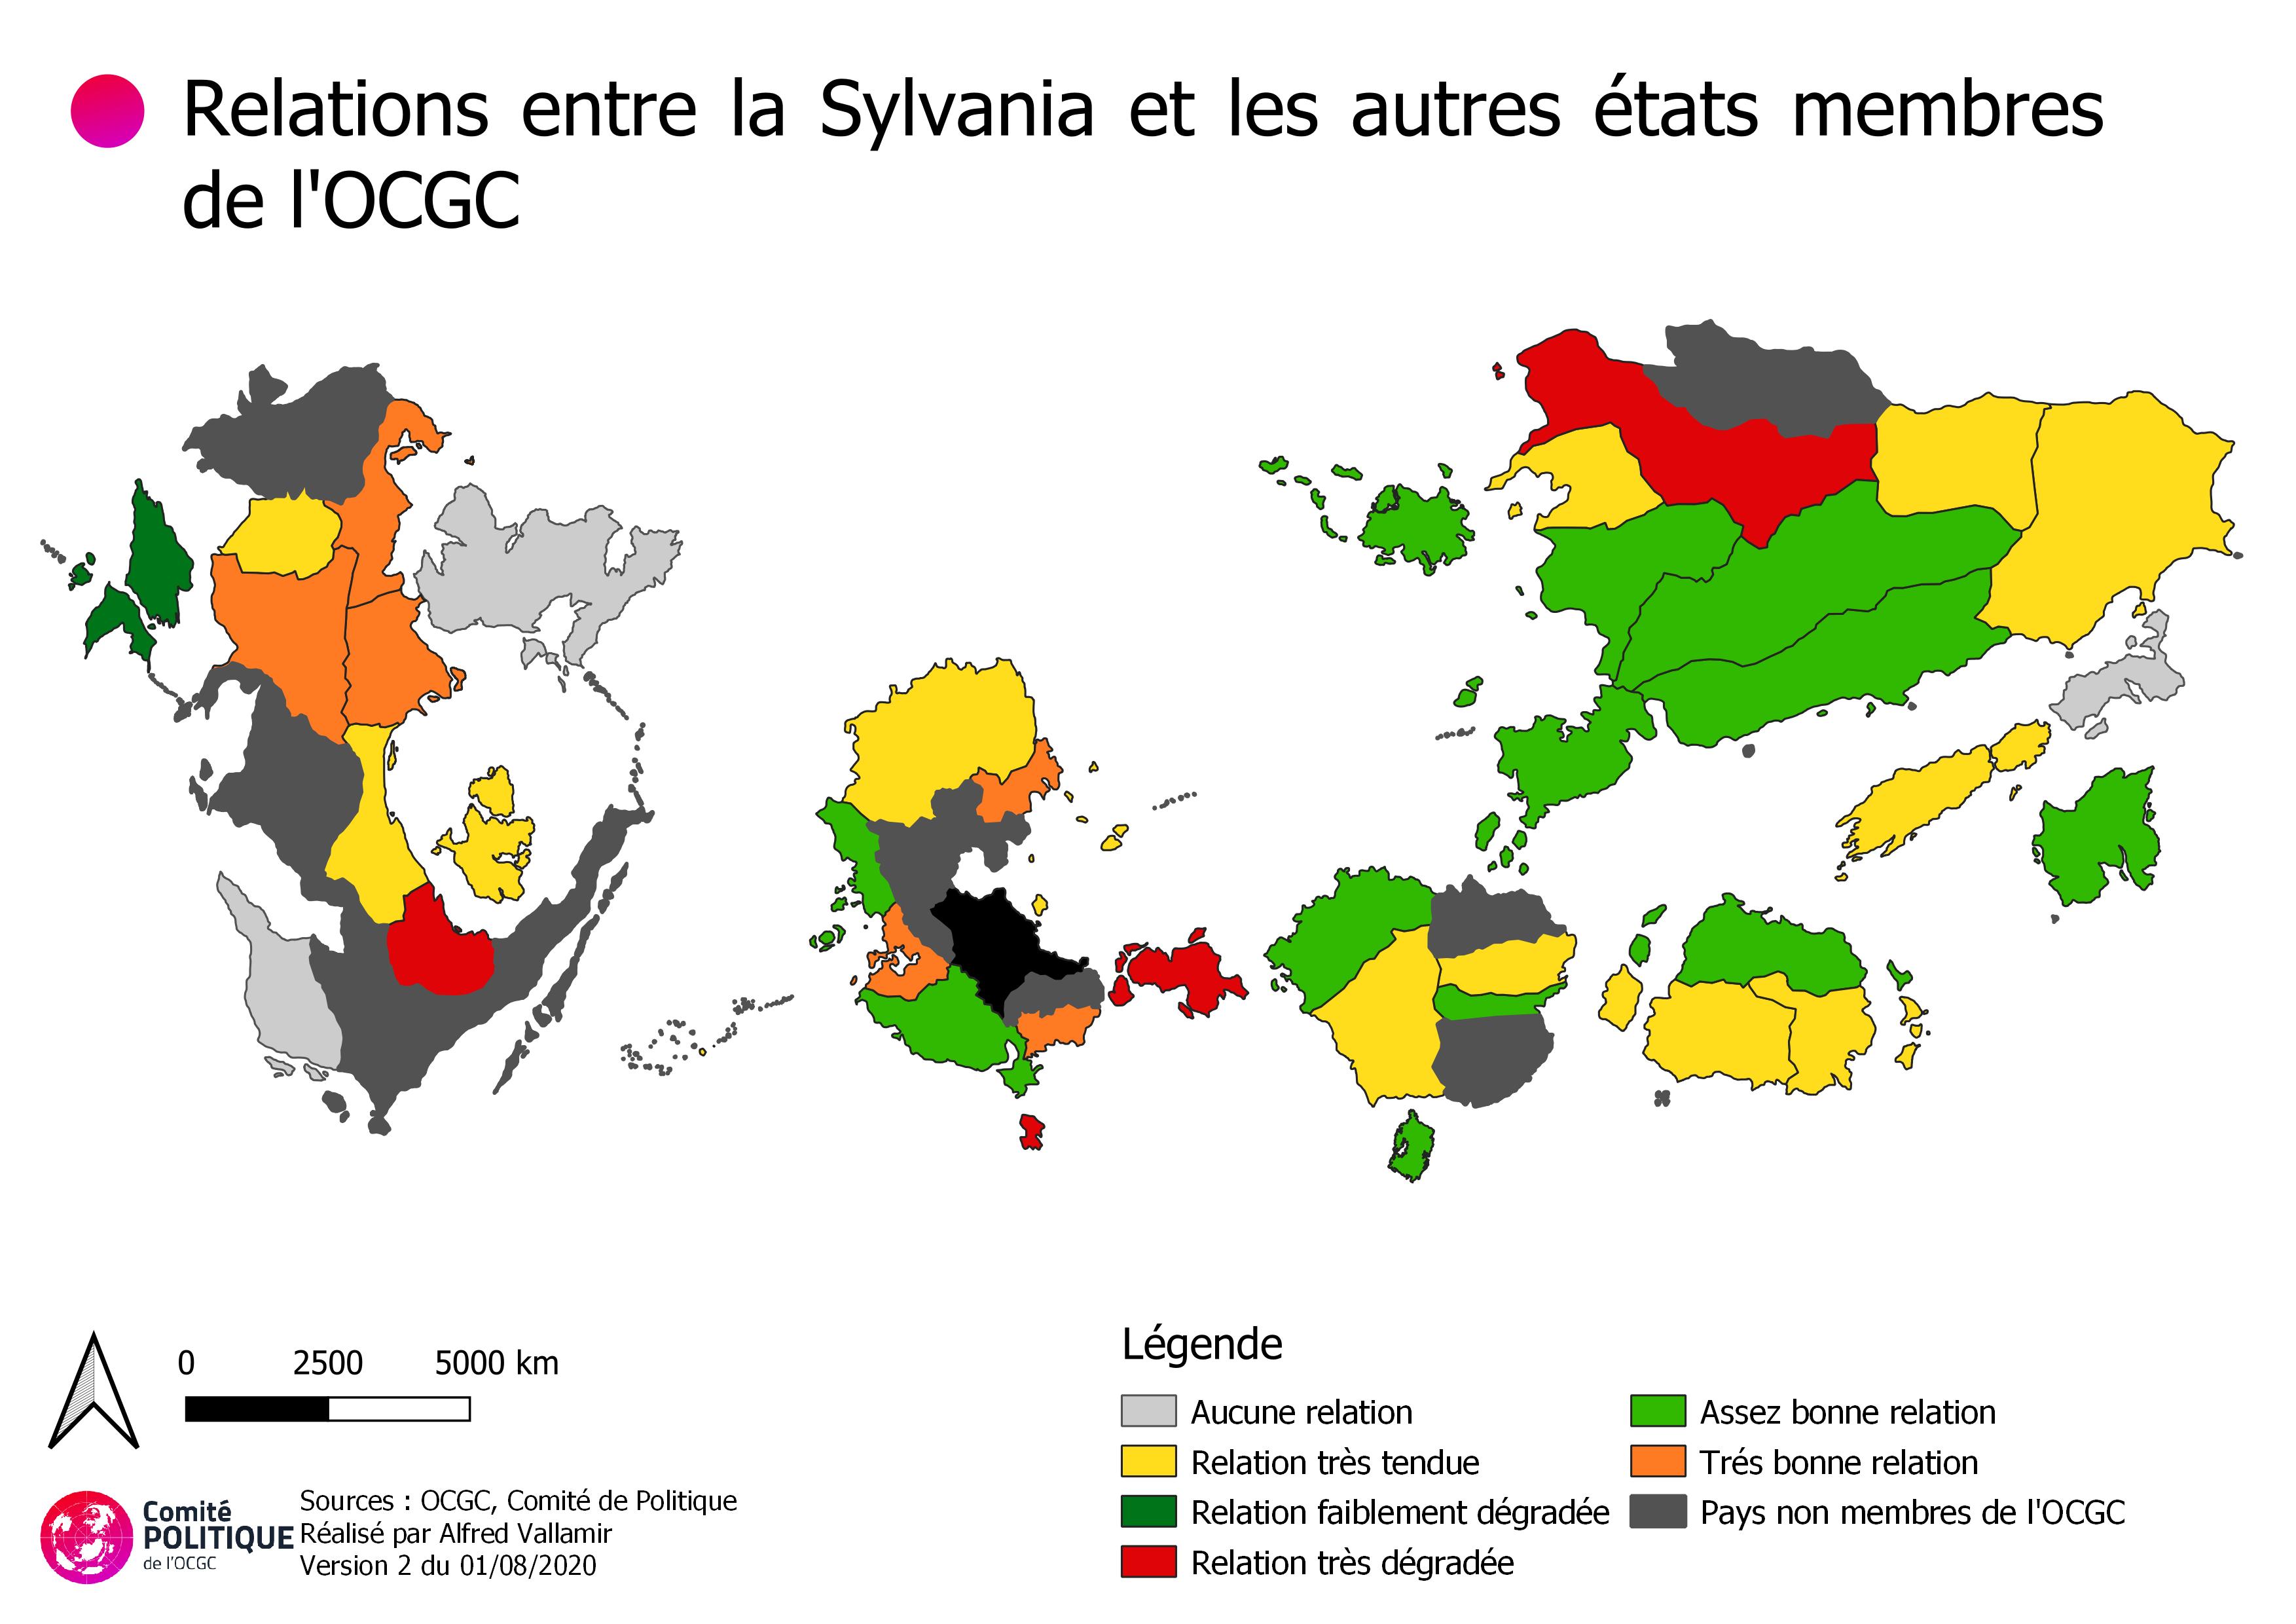 Atlas du comité de politique - 8 nouvelles carte (organisation et relations entre états). - Page 3 ComPol_Rel_Bil_Sylvania